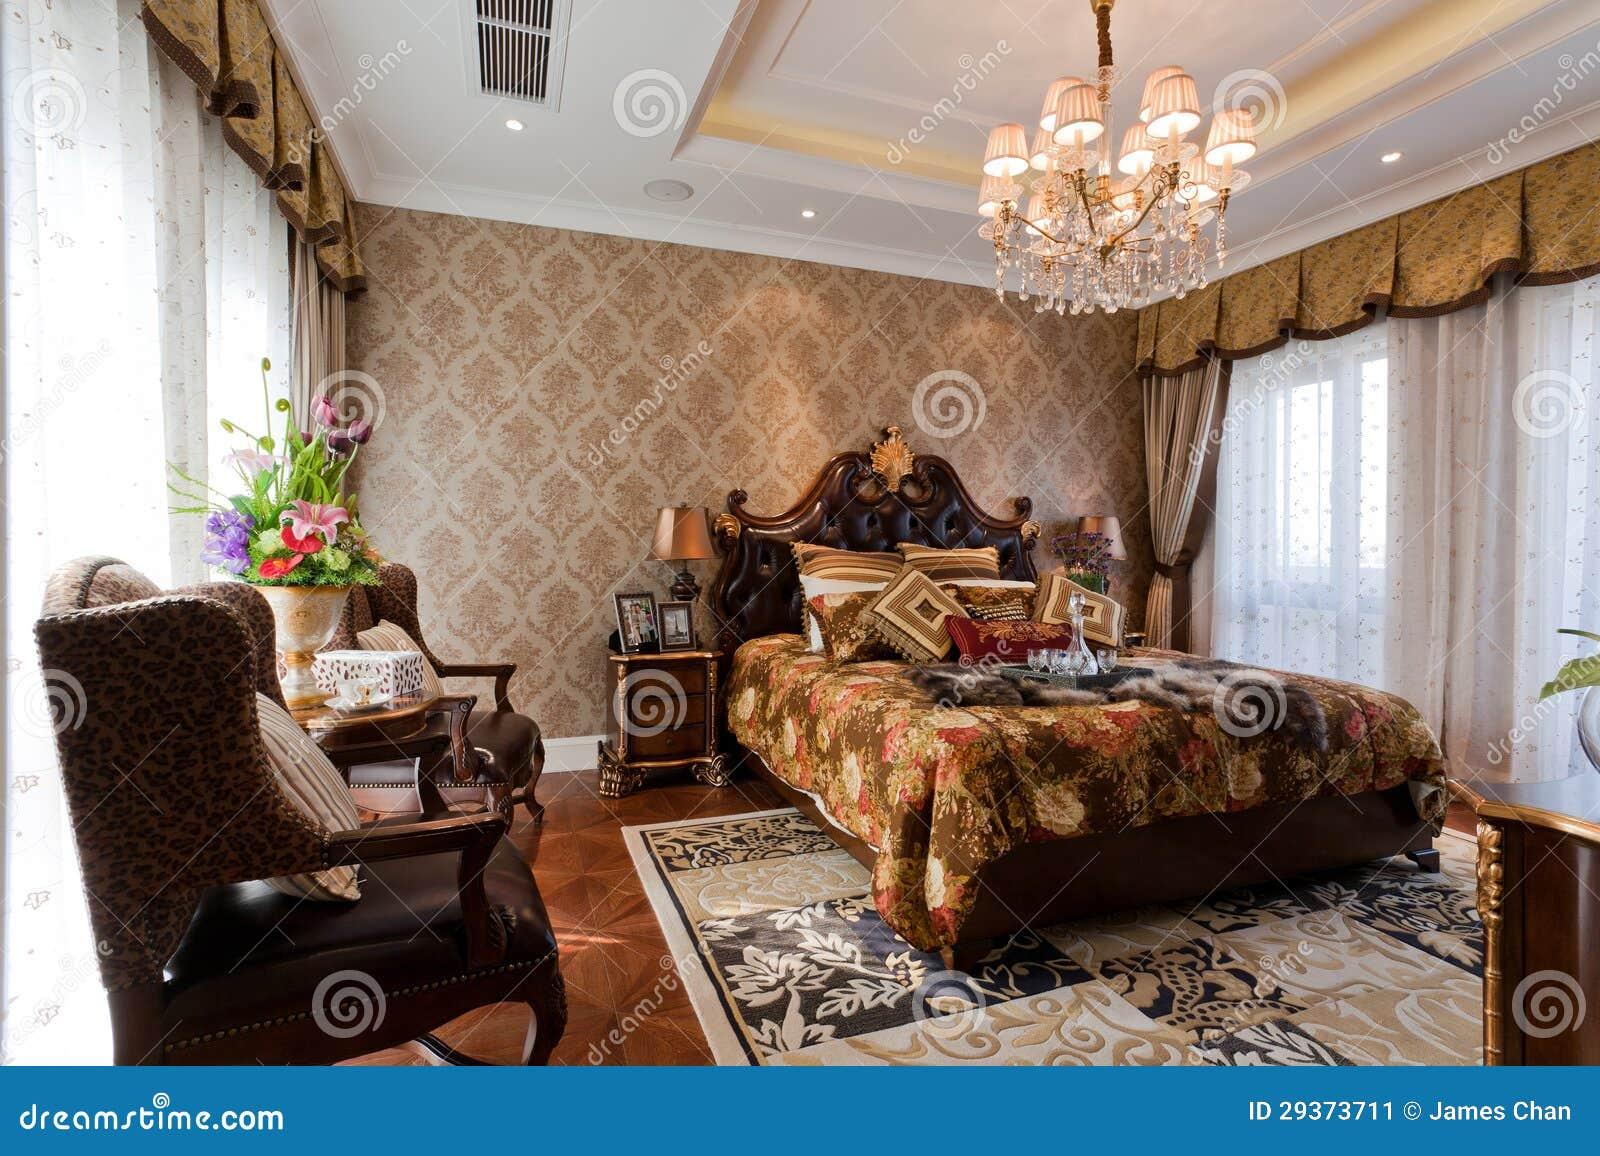 Sovrum fotografering för bildbyråer   bild: 29373711